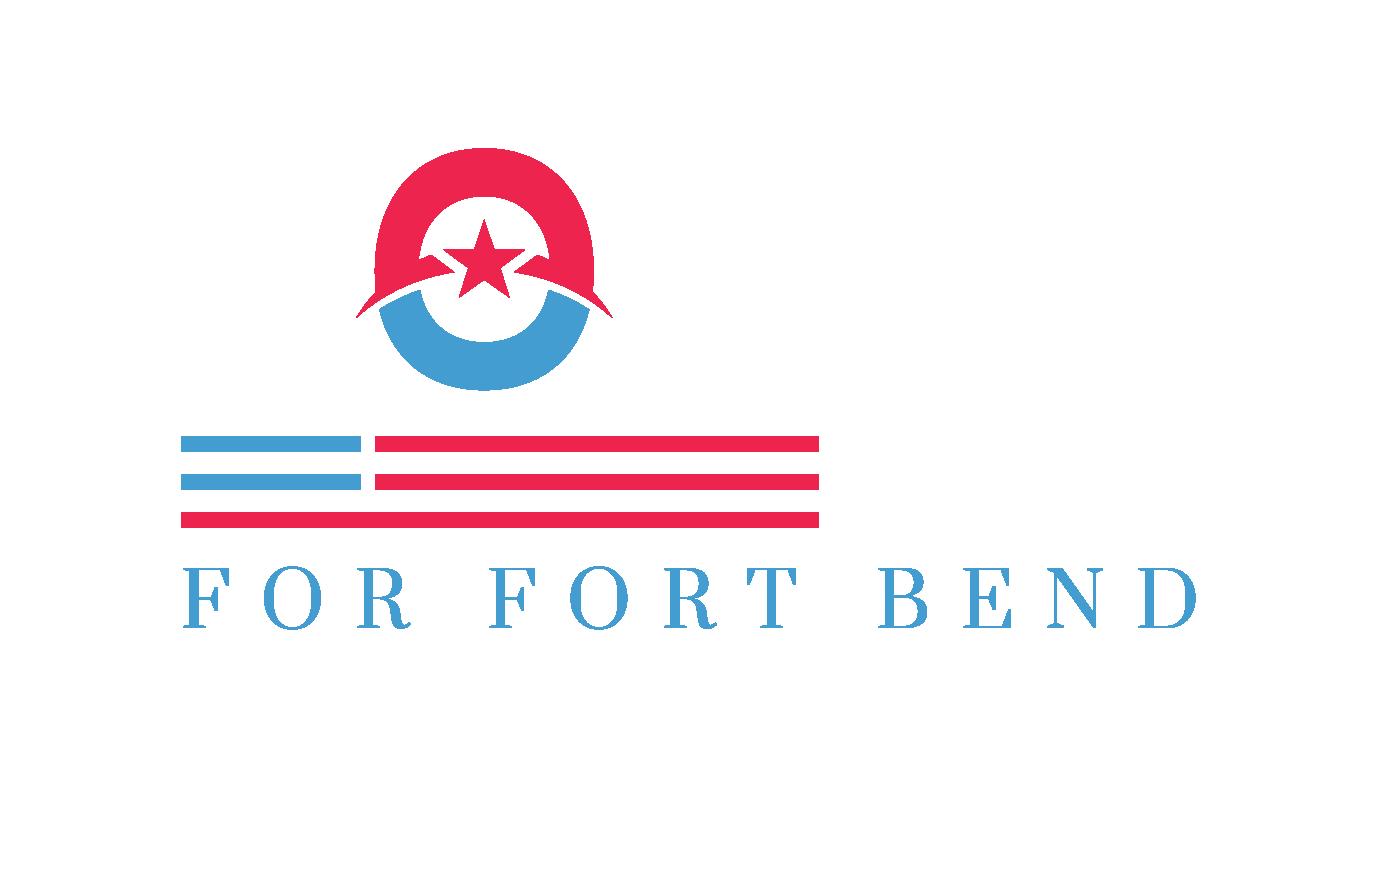 Sonia Rash